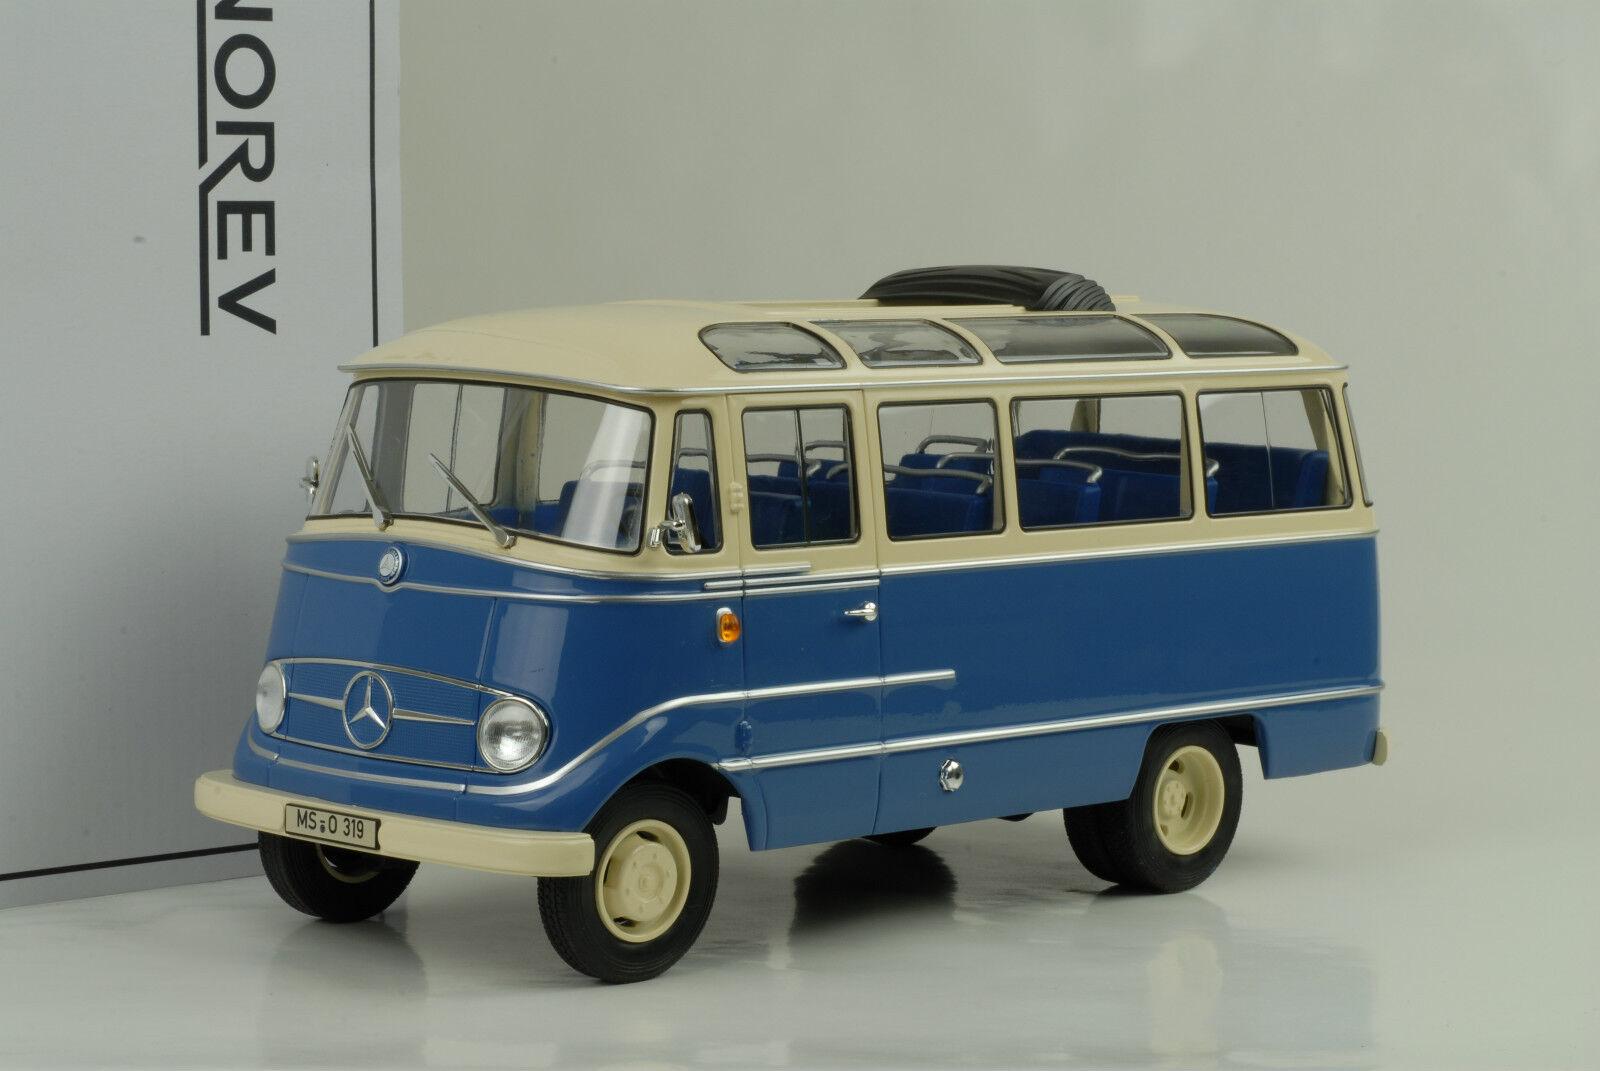 1960 Mercedes-Benz O319 Bus blu Blu Crema 1 18 Norev